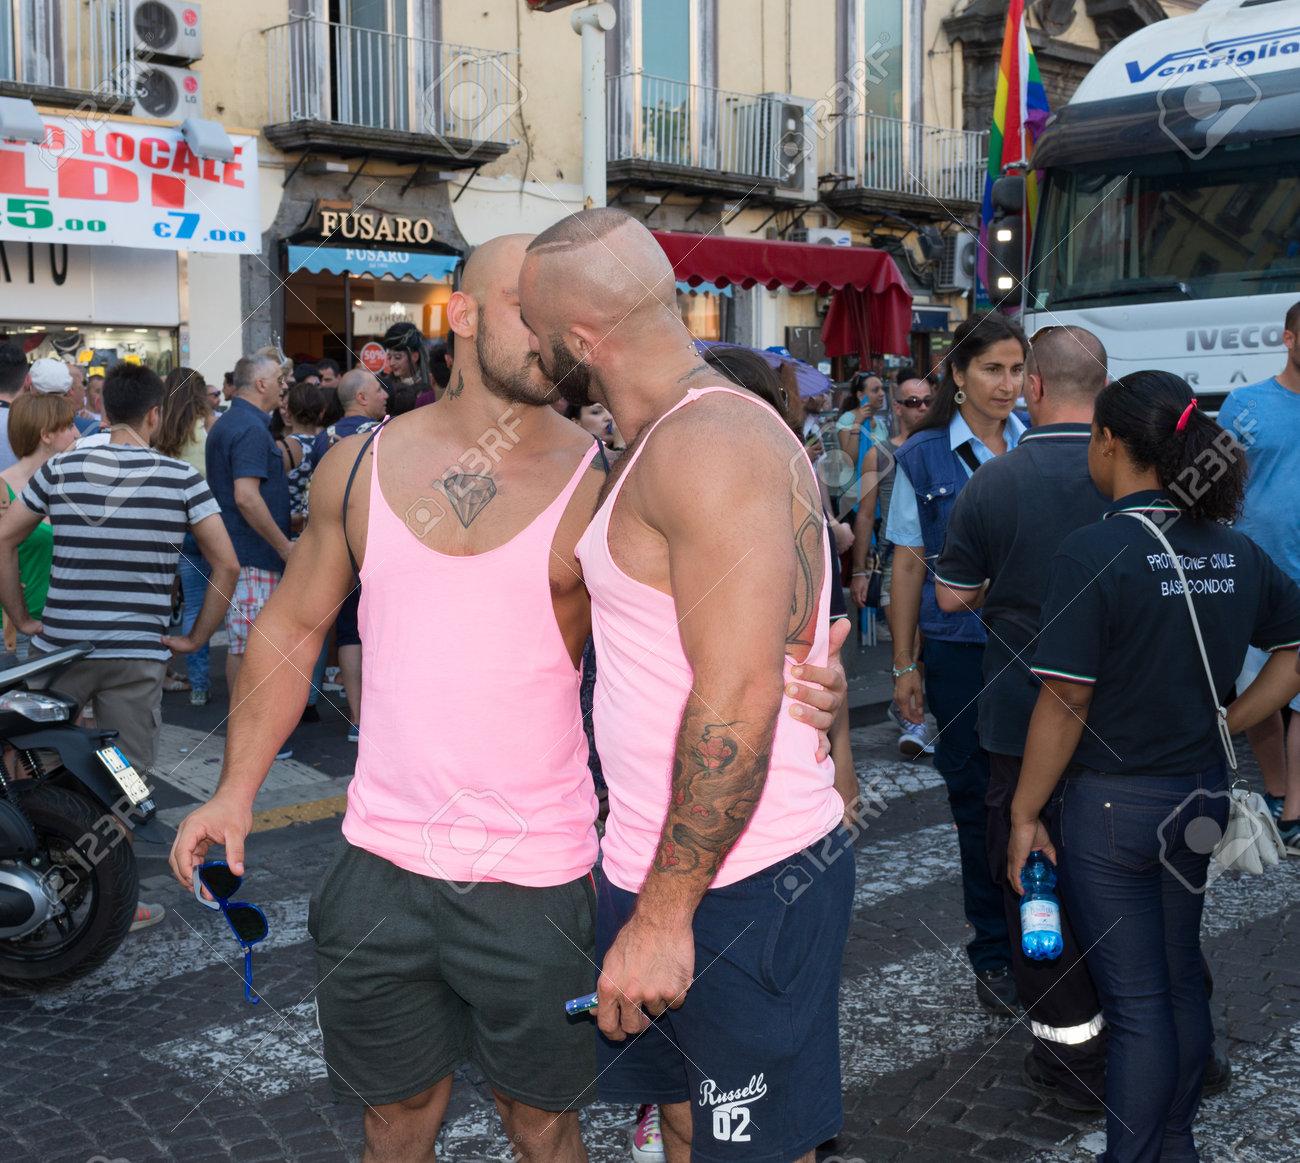 Gay naples italy